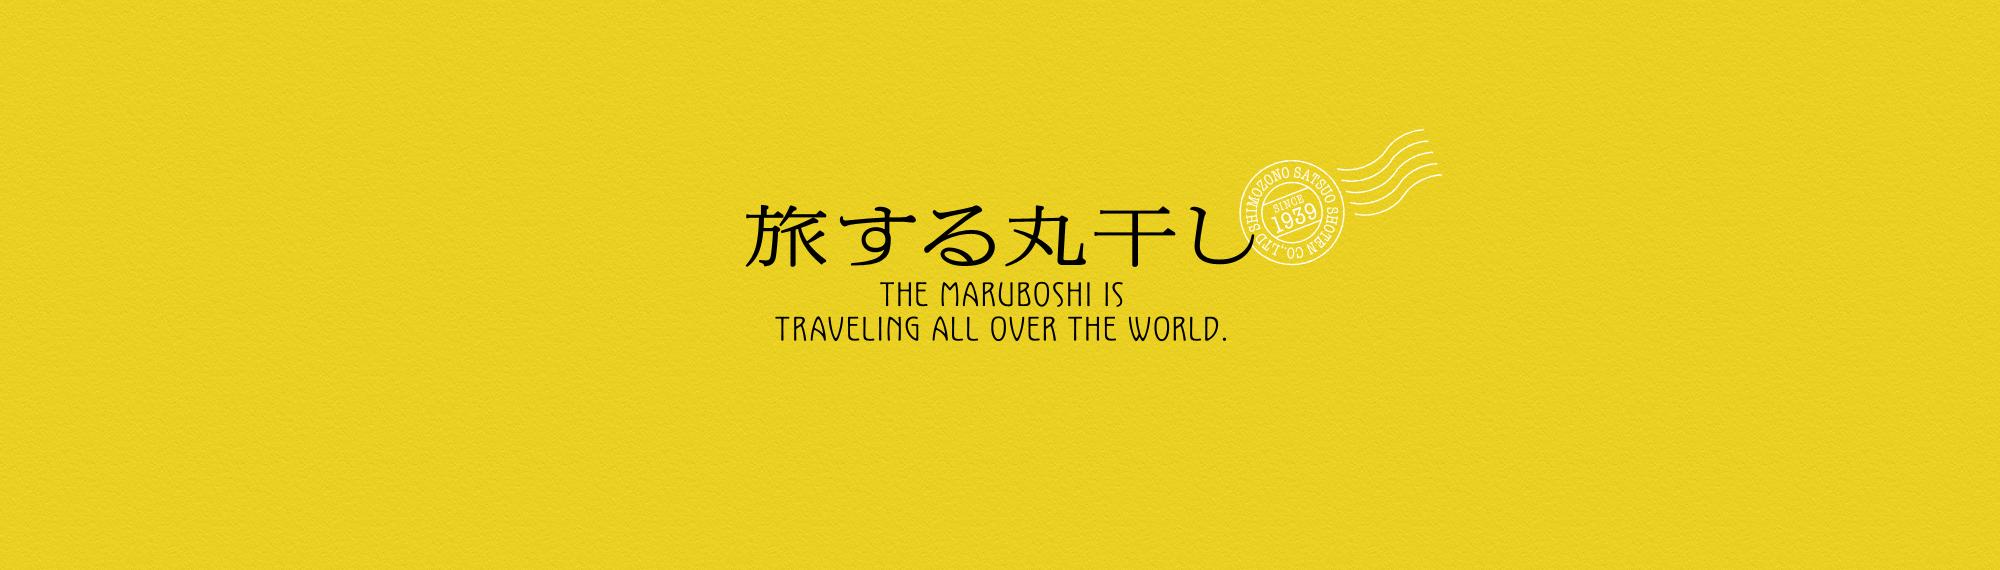 旅する丸干し THE MARUBOSHI IS TRAVELING ALL OVER THE WORLD.